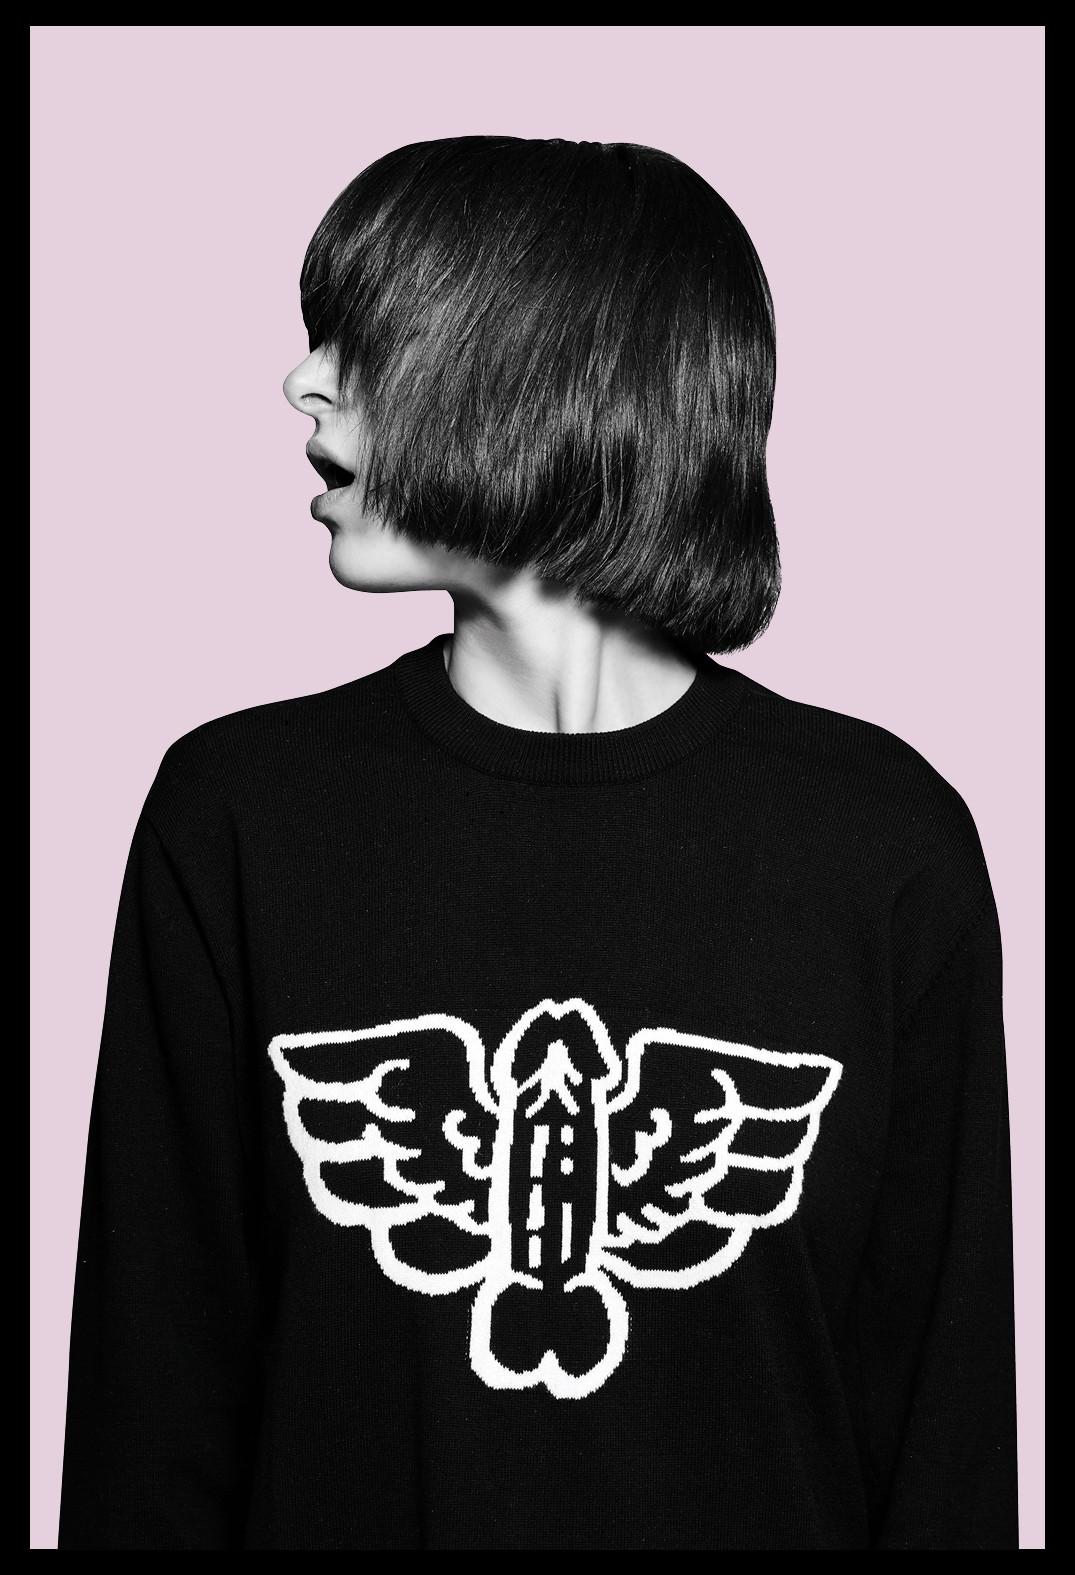 La colección de ropa Tom of Finland x Nicopanda